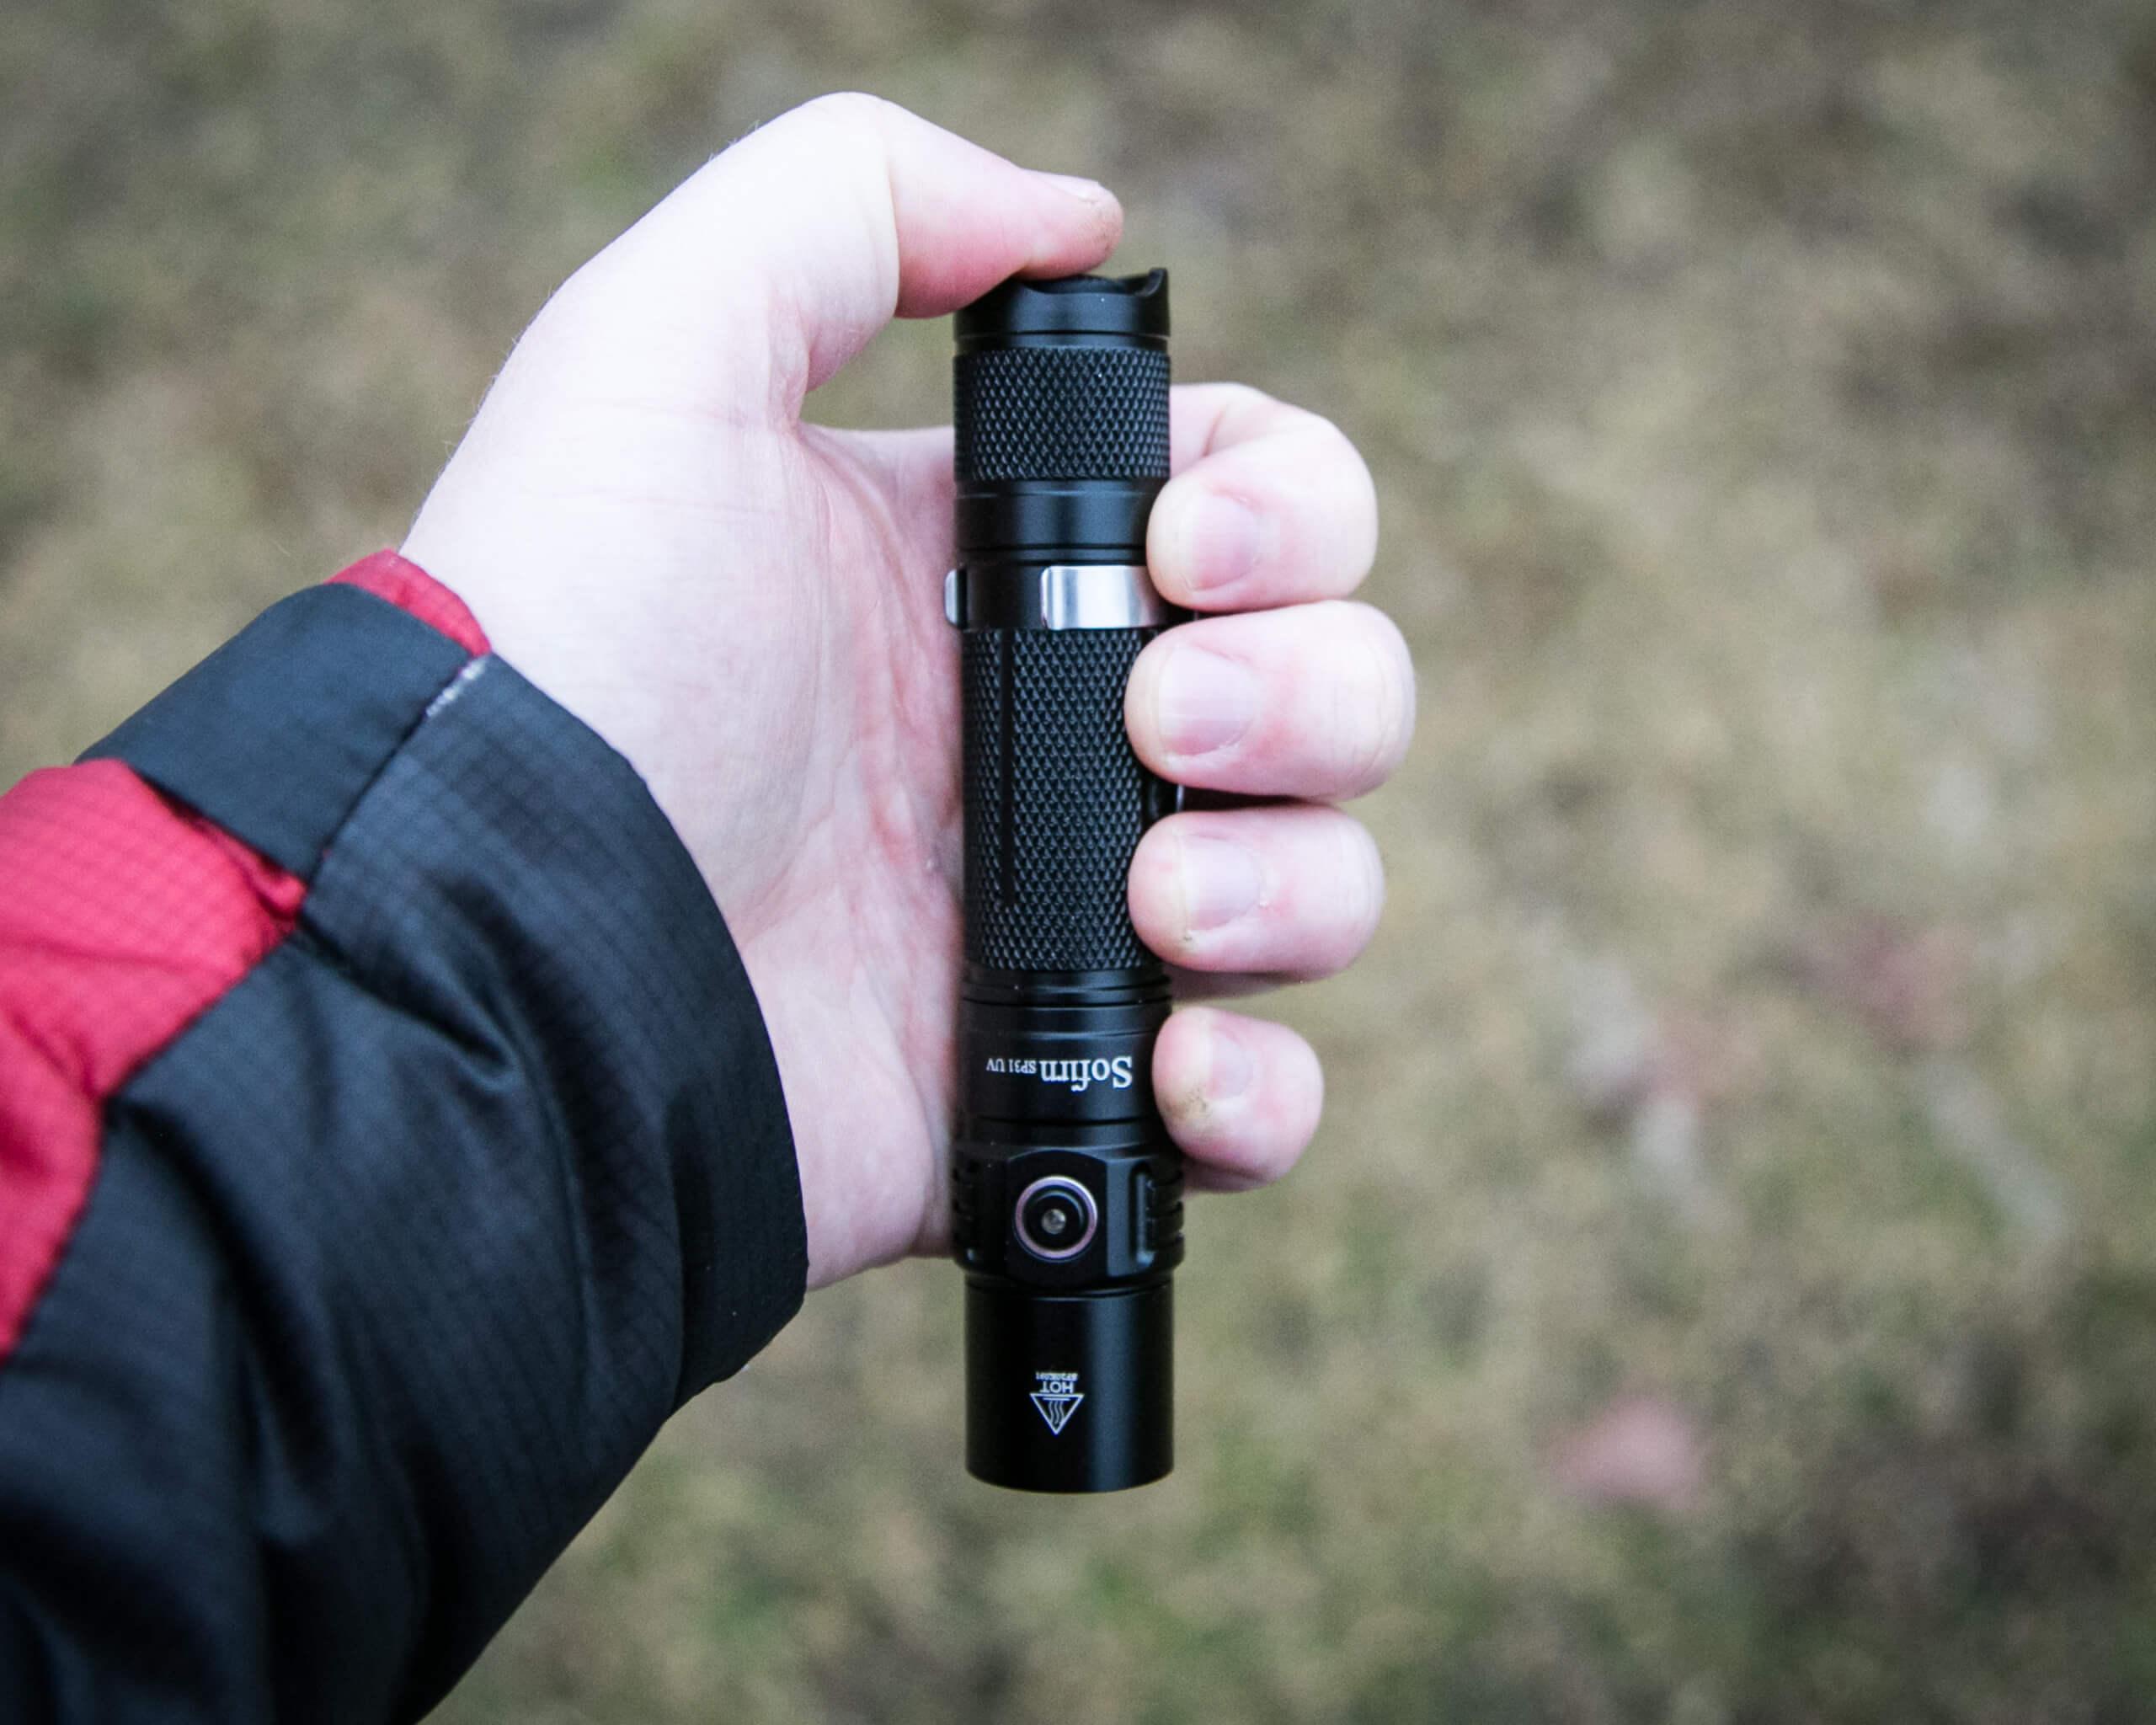 sofirn sp31uv ultraviolet 18650 flashlight in hand